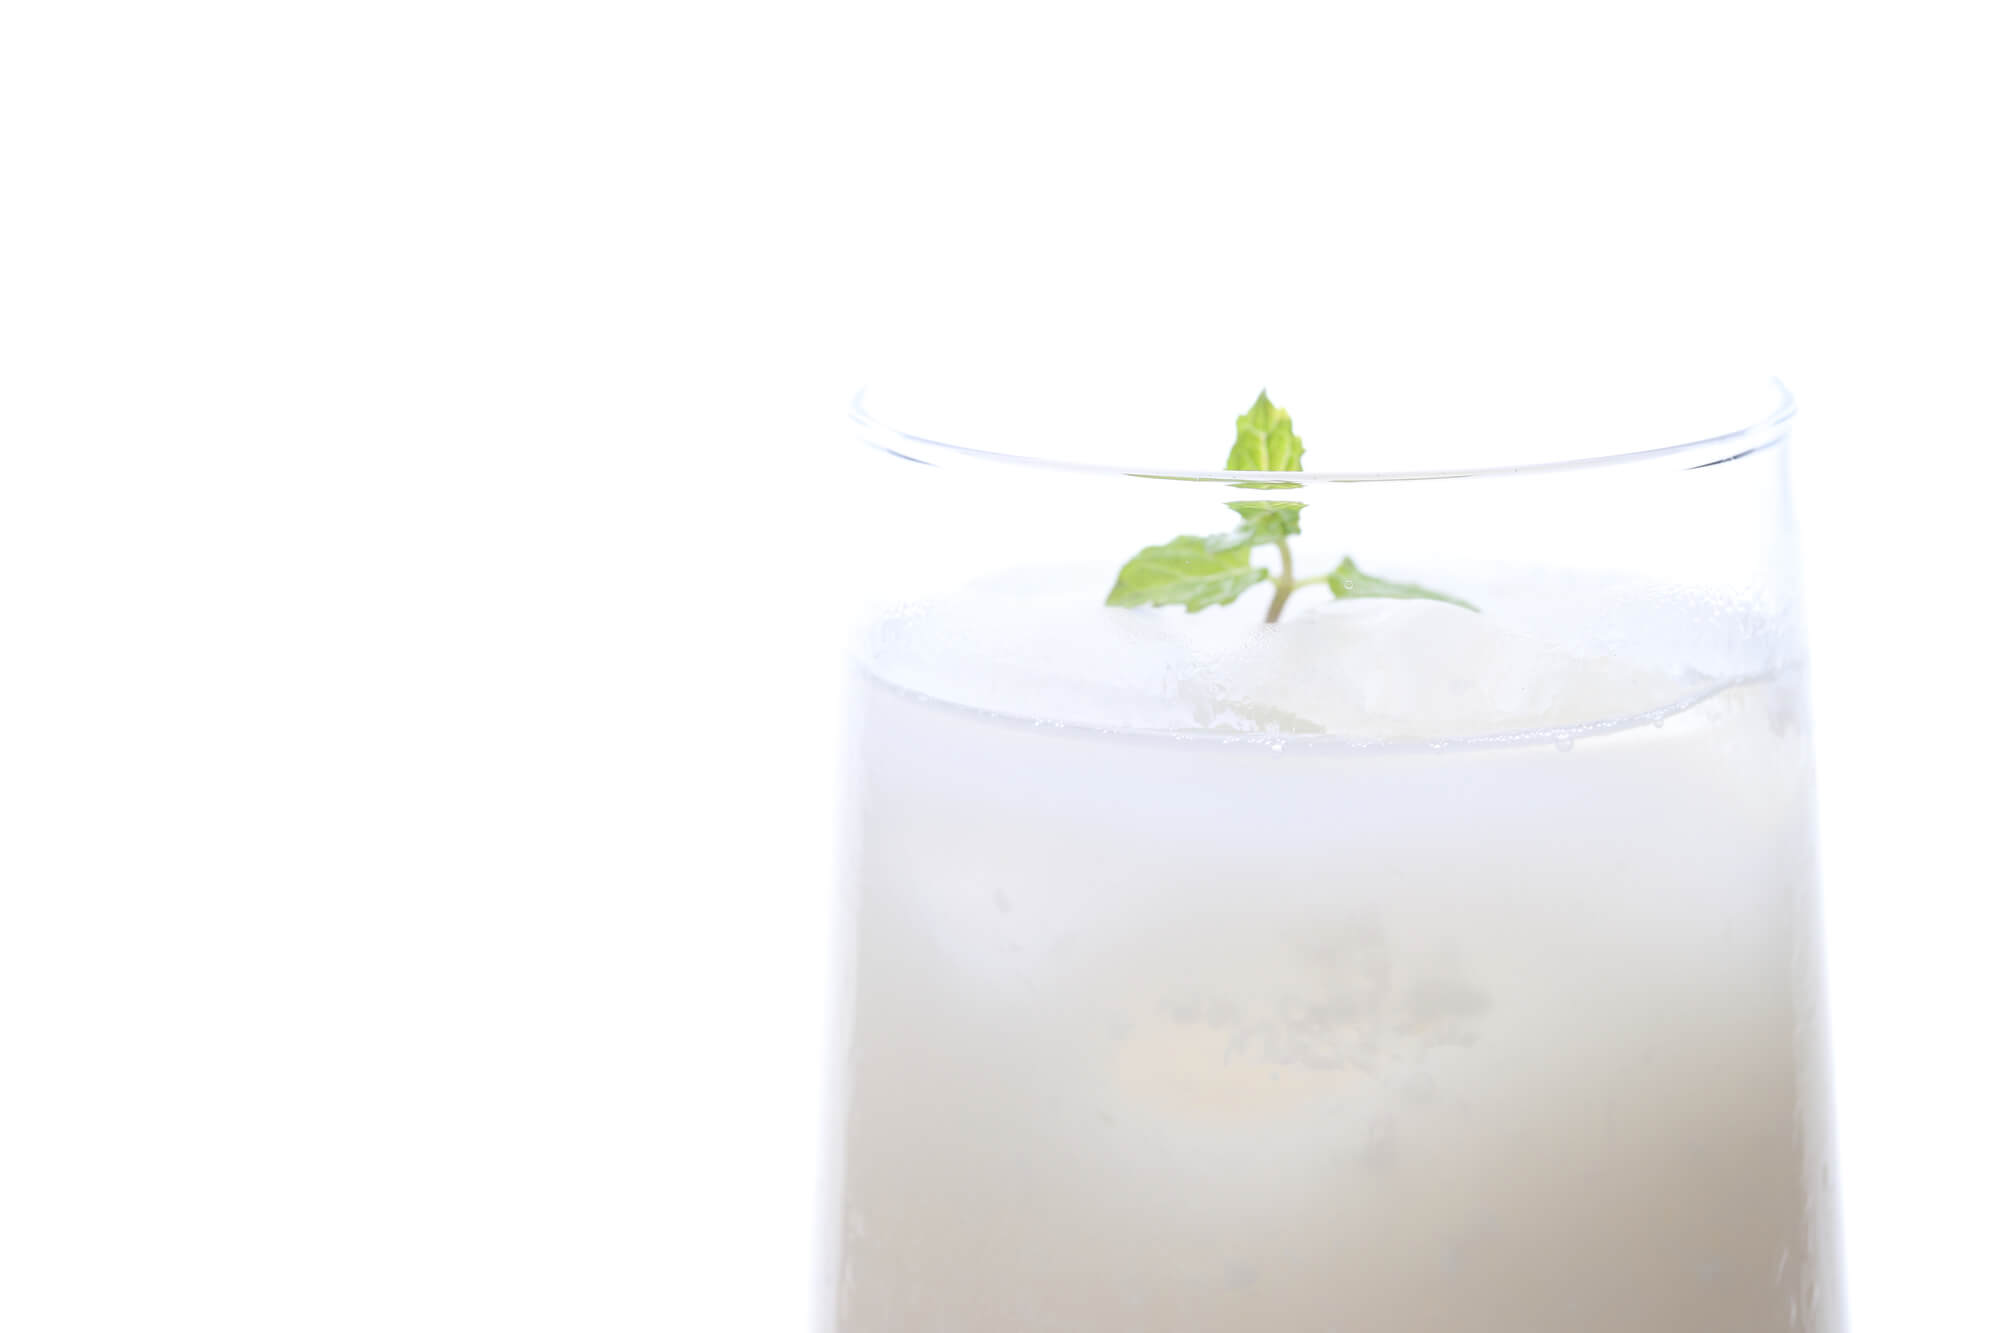 カルシウムの吸収をよくする!?乳酸菌飲料風でおいしいクエン酸ミルク